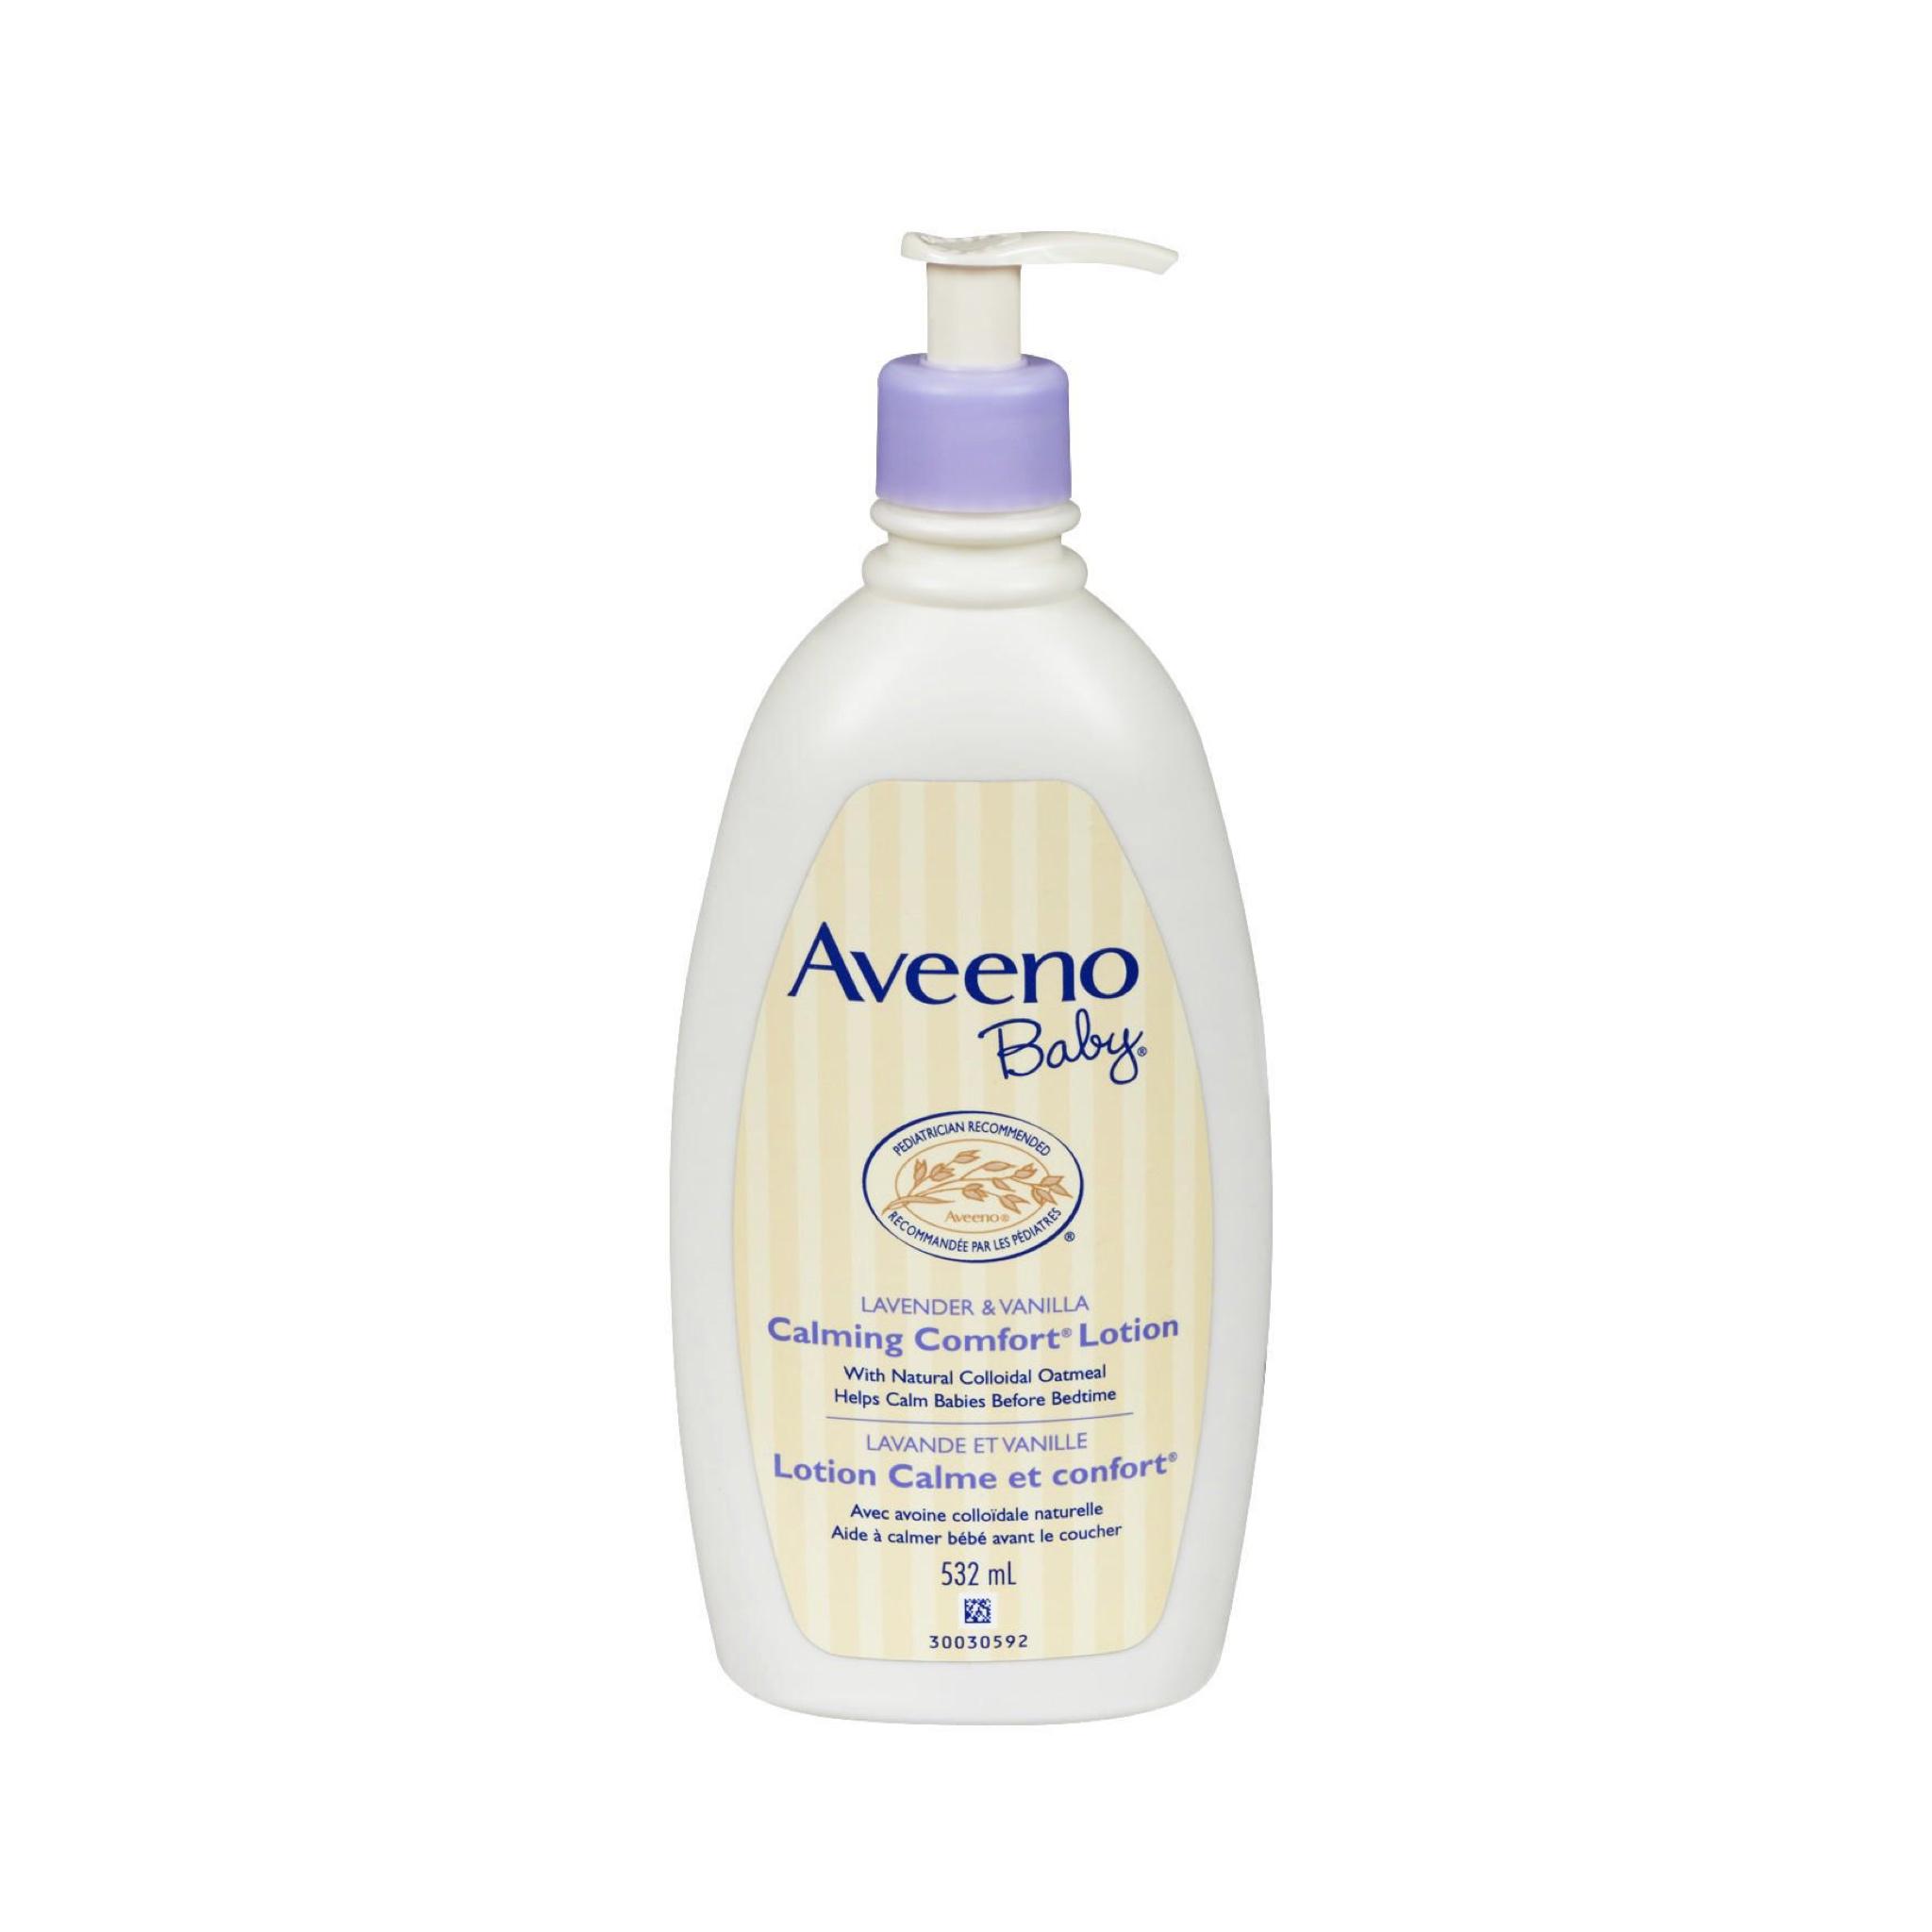 โลชั่นบำรุงผิวจากส่วนผสมของธรรมชาติ Aveeno Baby Calming Comfort Lotion - Lavender & Vanilla